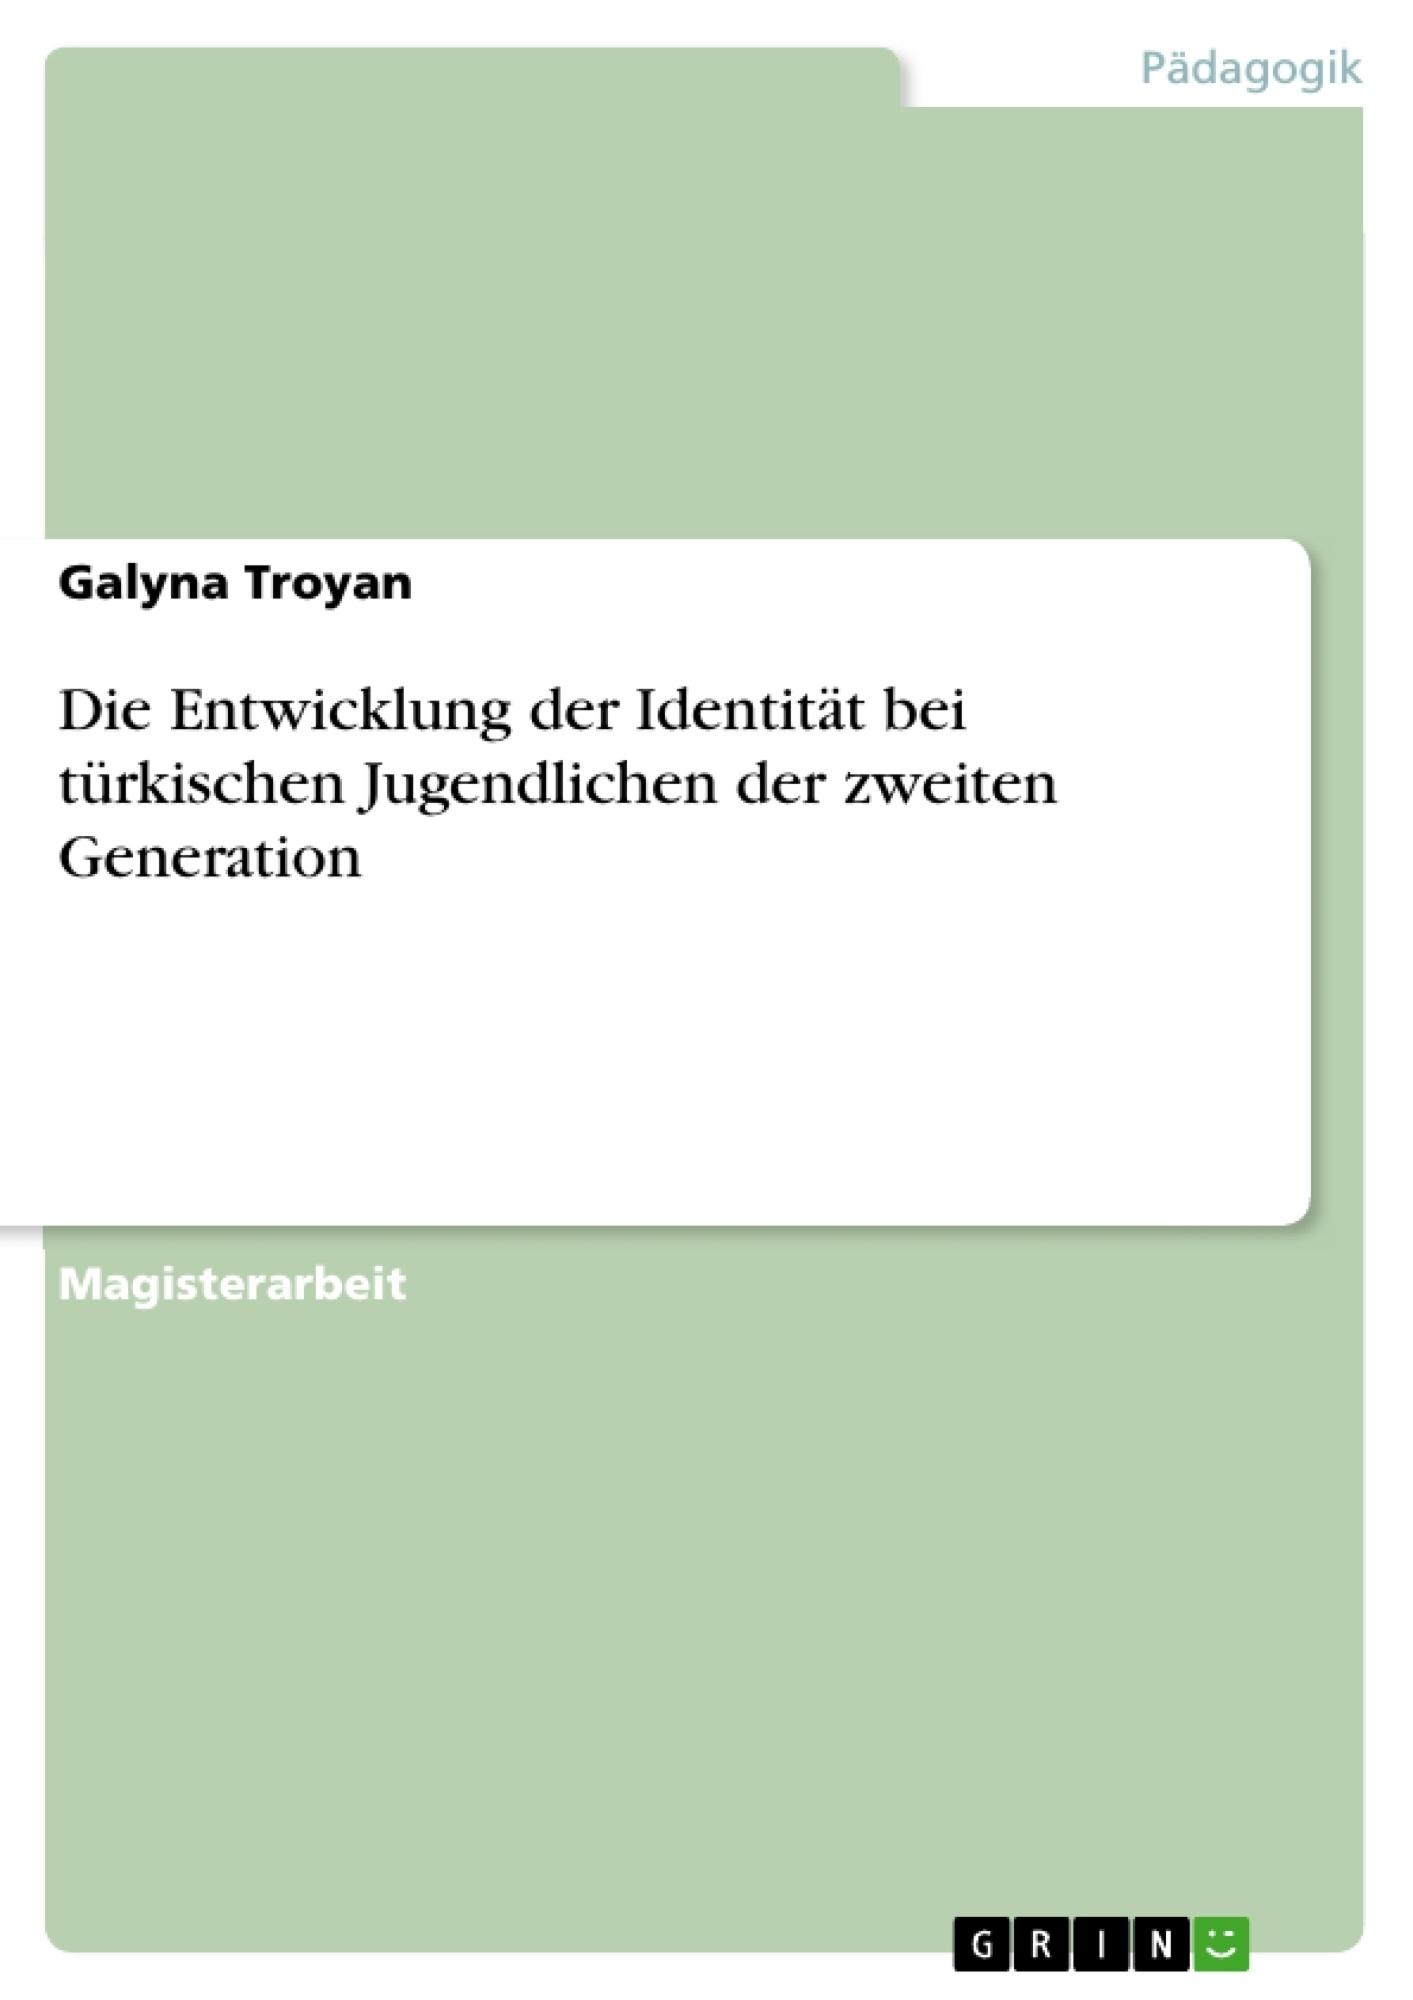 Titel: Die Entwicklung der Identität bei türkischen Jugendlichen der zweiten Generation